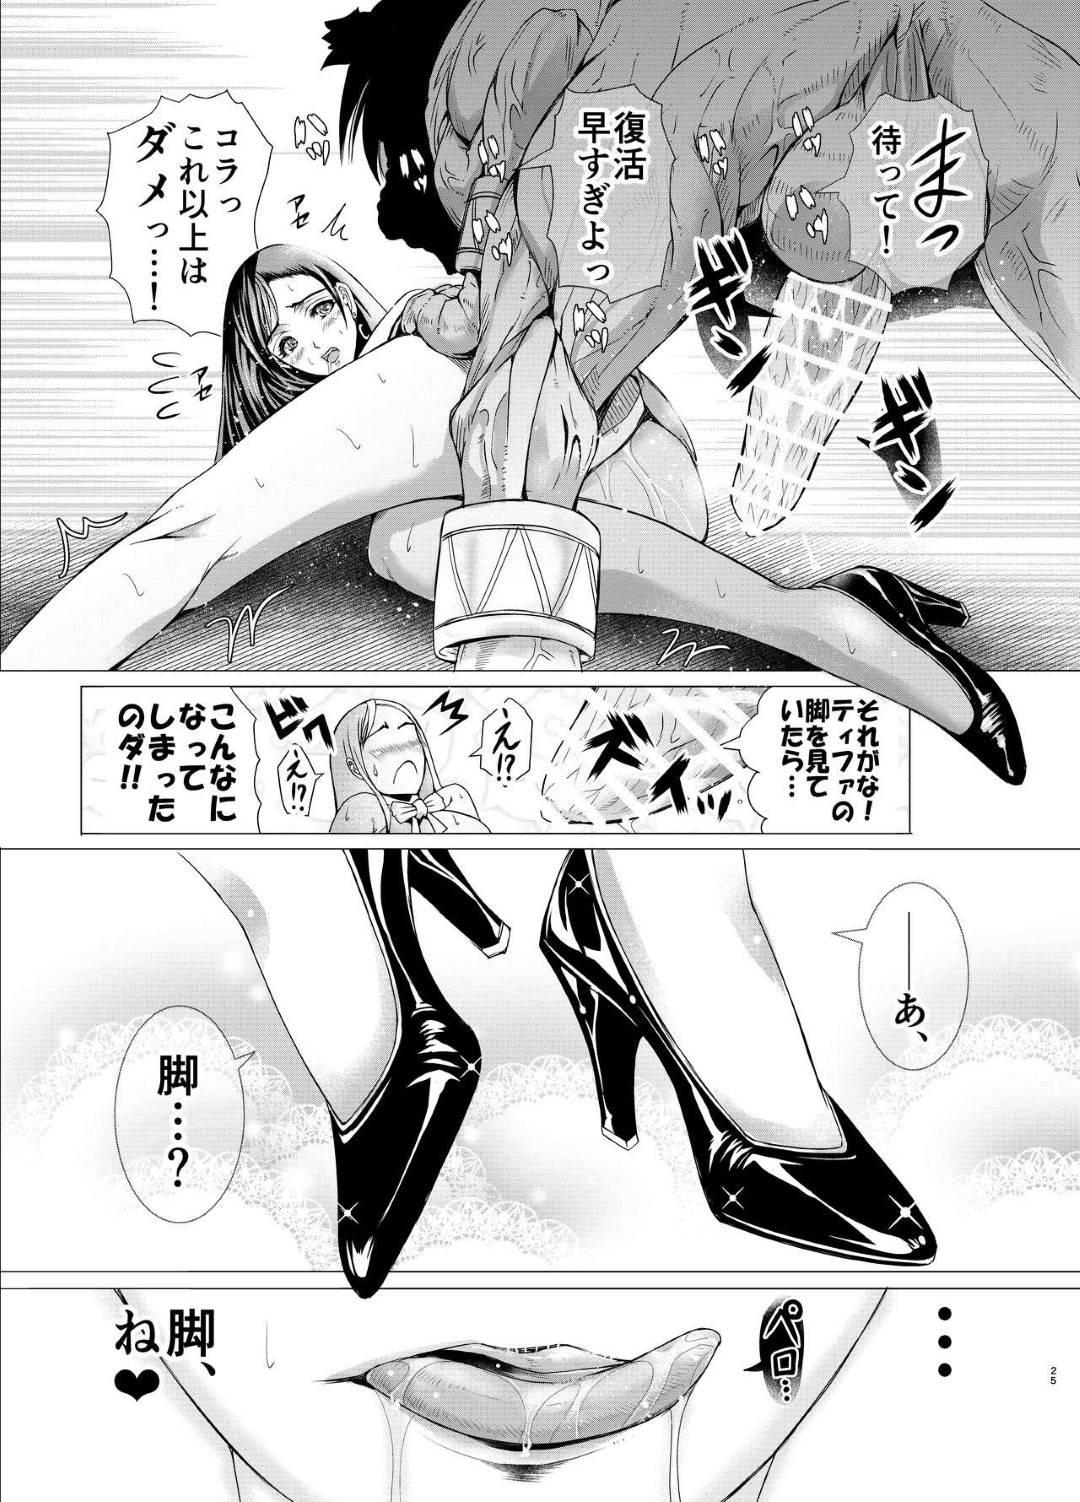 【エロ同人誌】セクシーな衣装をナナキにお披露目するティファ…その姿に興奮して襲い掛かる!身体を弄られその気になったティファと激しくセックス!【LUCRETiA (ひぃちゃん):FINAL BEAST/ファイナルファンタジーVII】